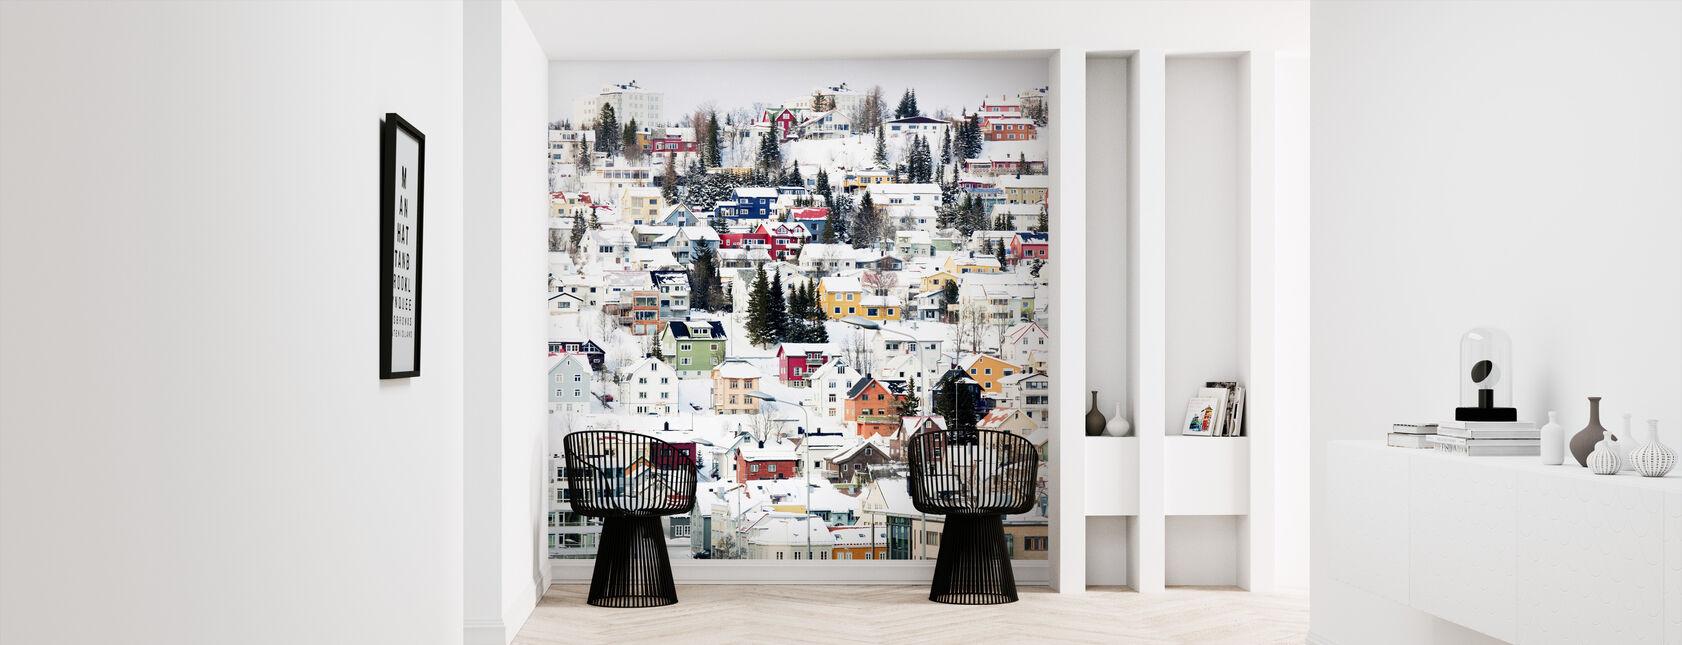 Norwegian Wood - Wallpaper - Hallway